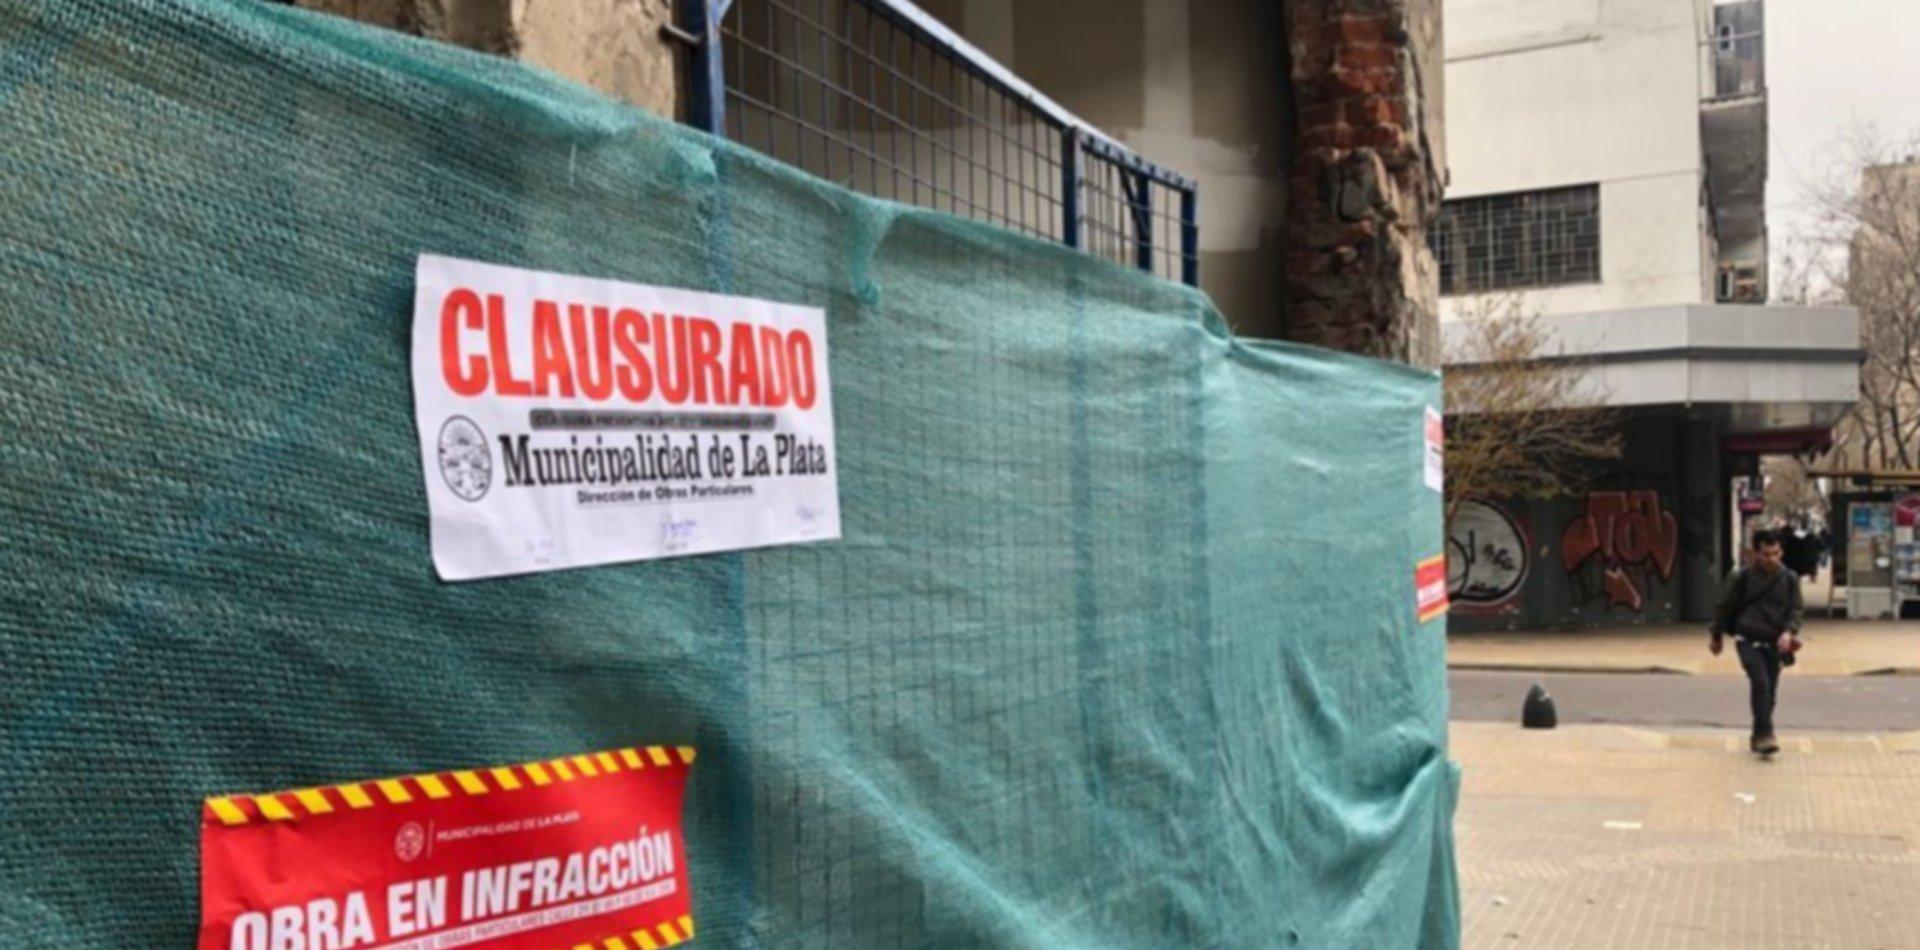 Así estaba la obra que fue clausurada en La Plata por estar al borde del derrumbe